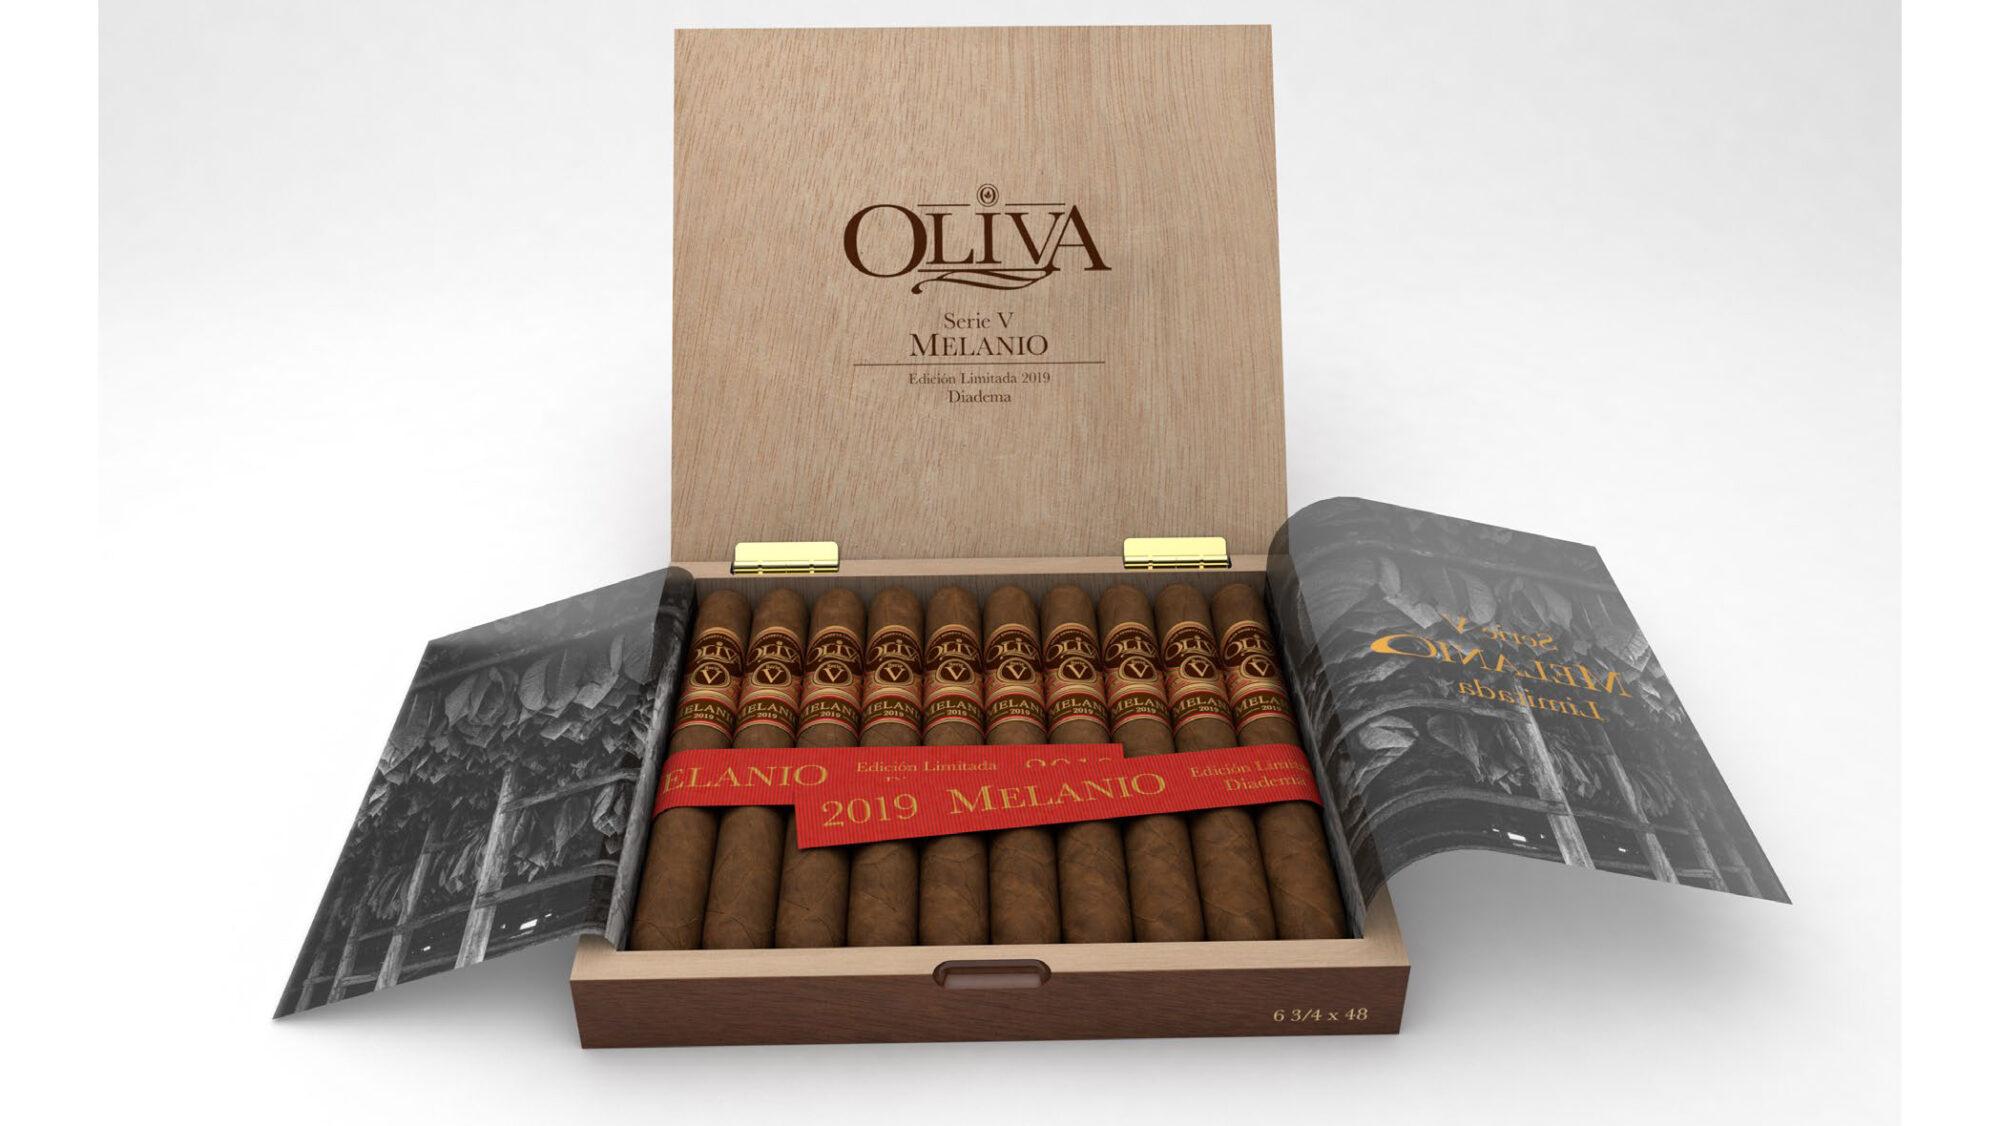 La Casa del Tabaco Oliva Serie V Melanio Diadema